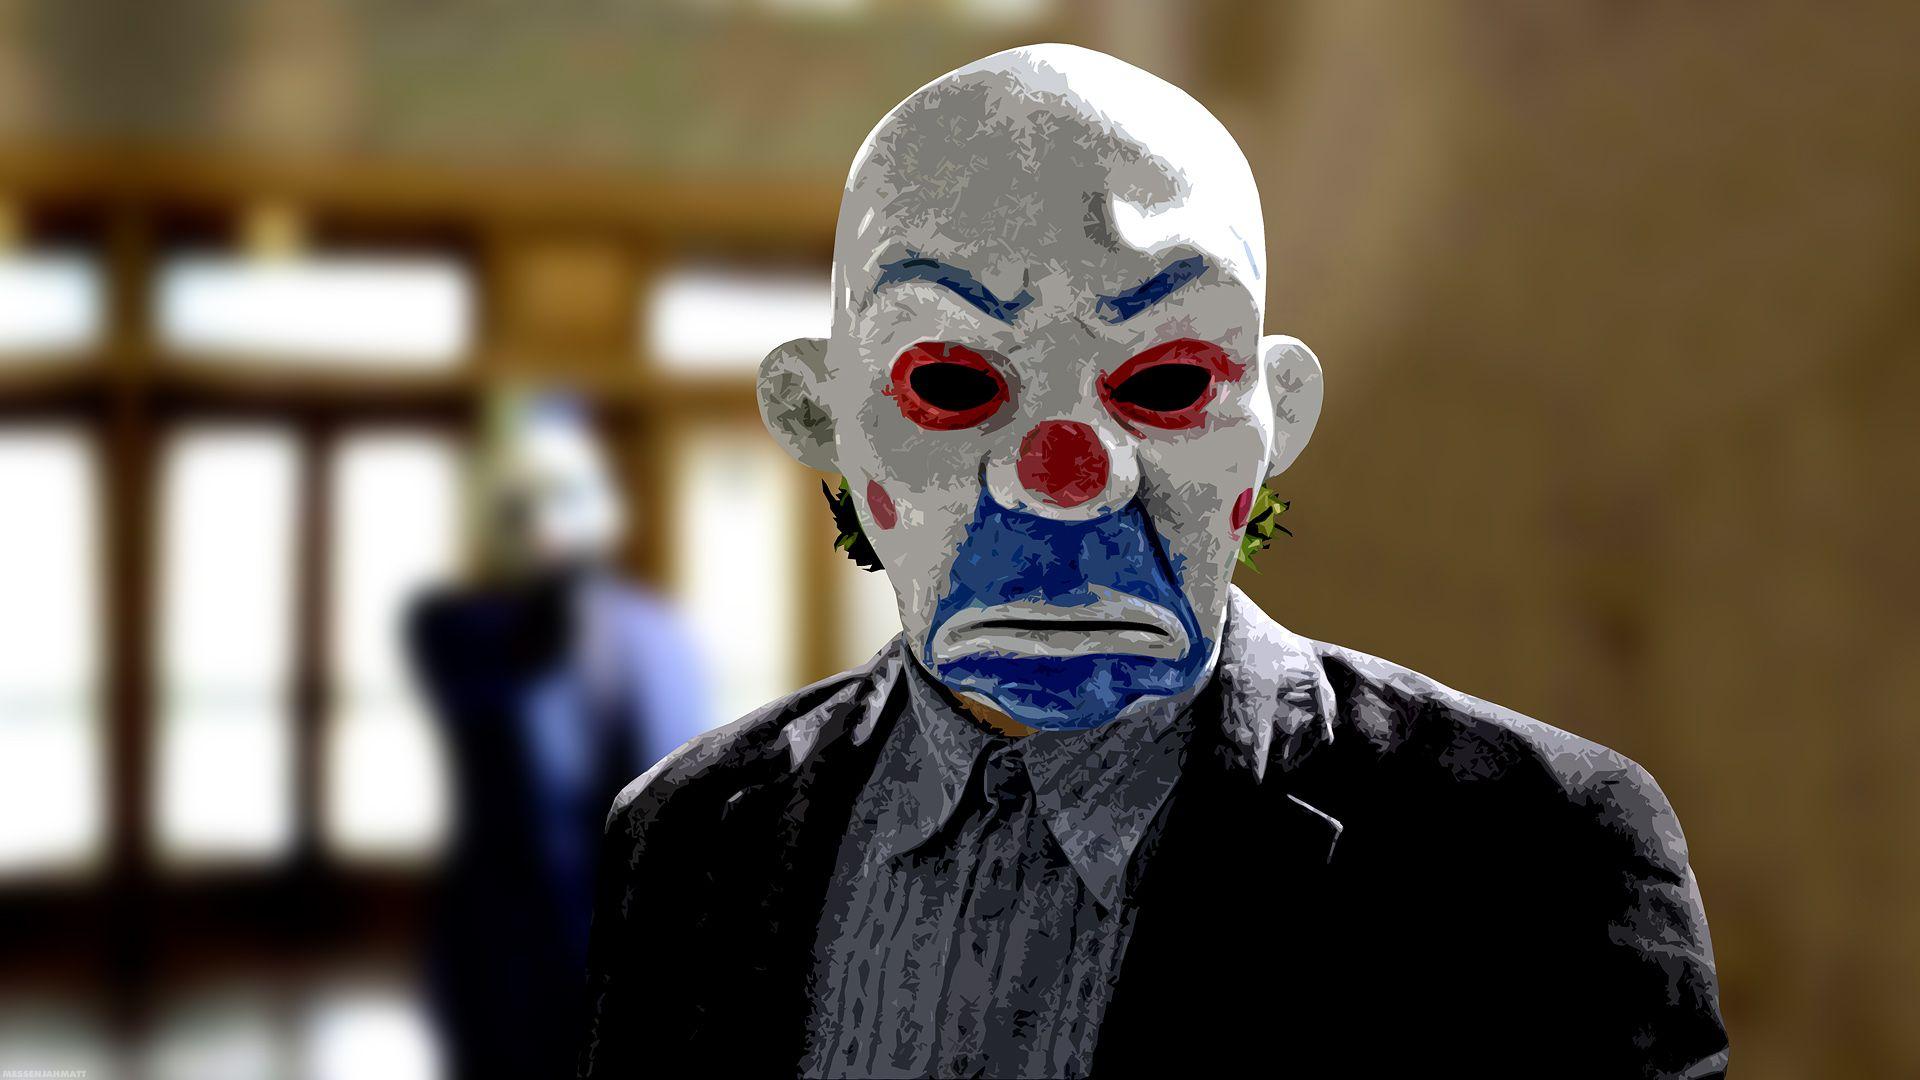 Joker Bank Robber Mask